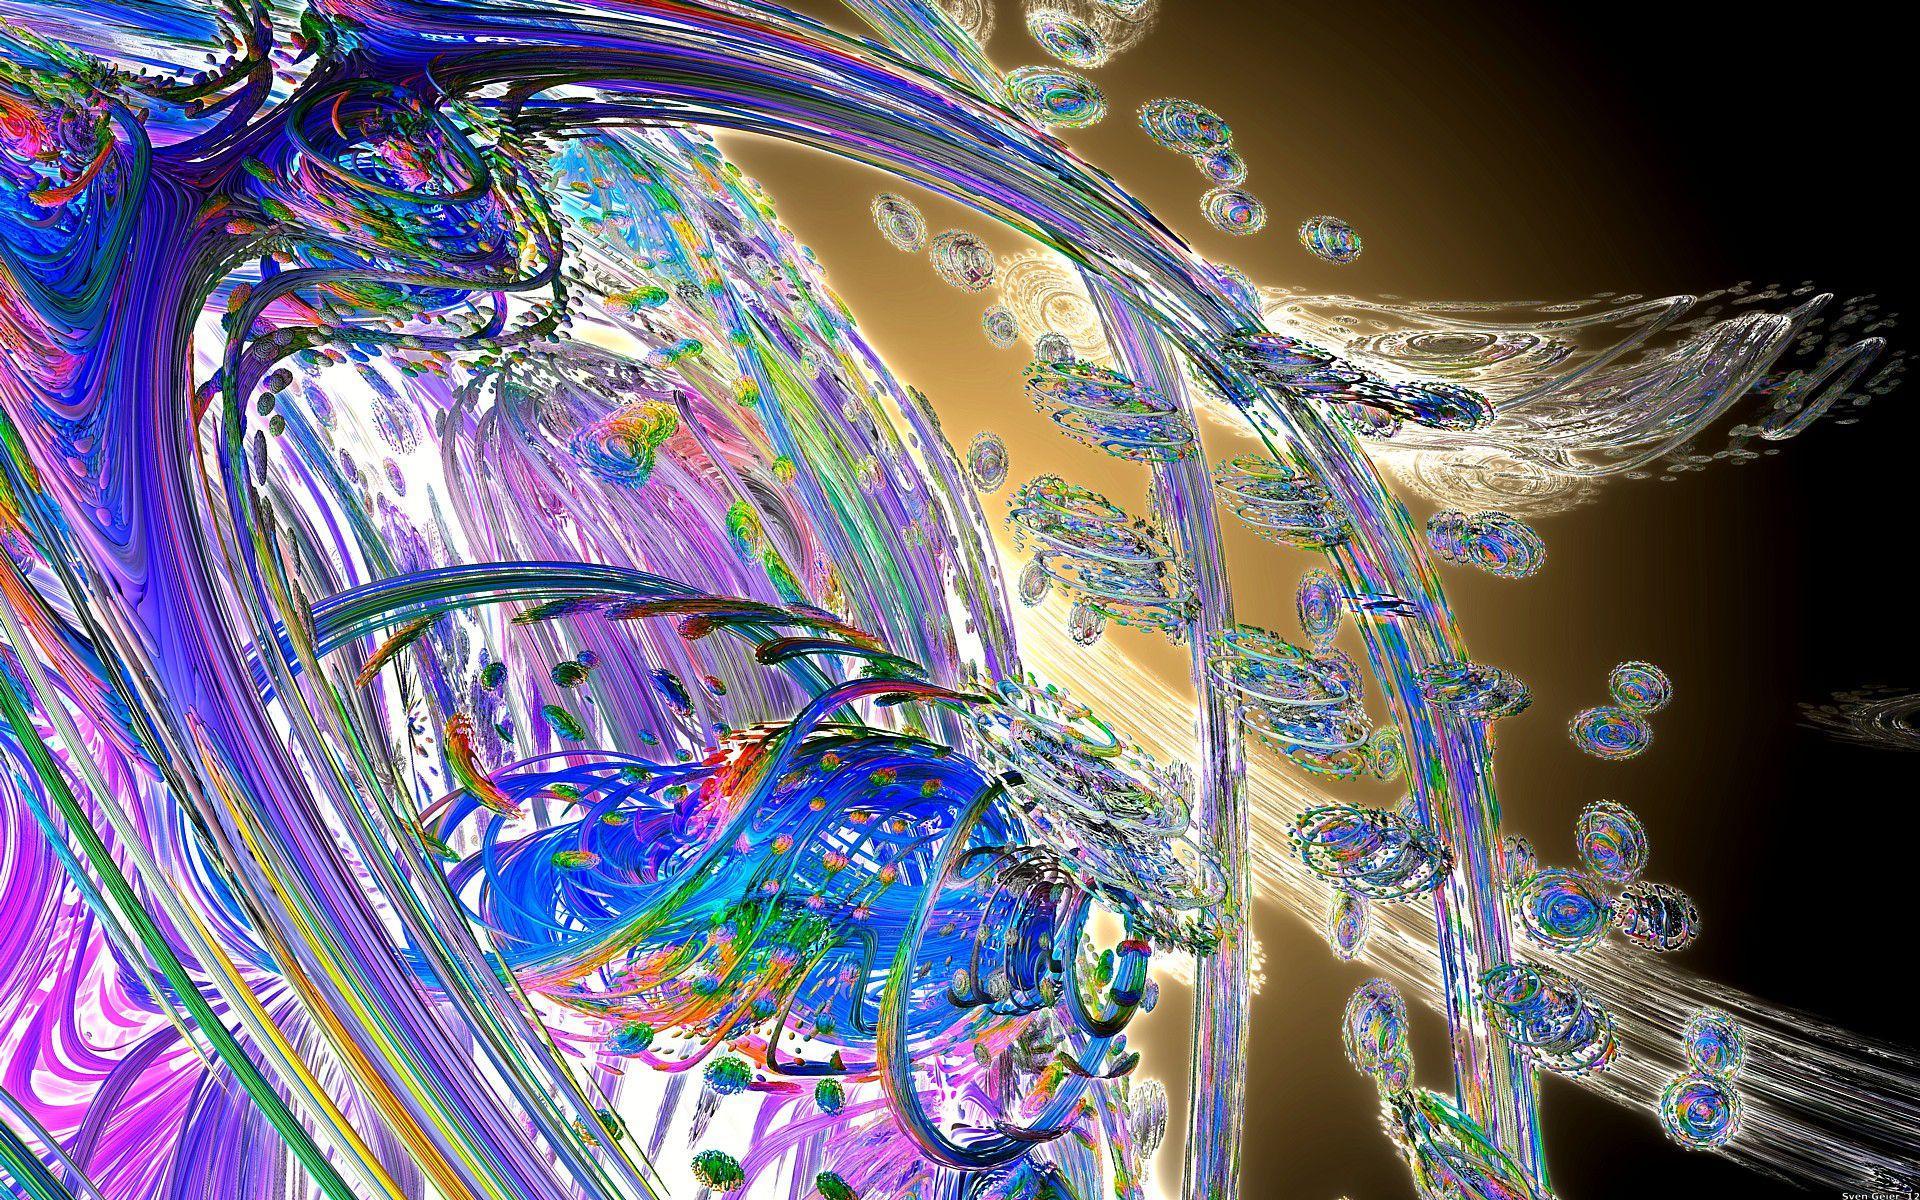 Vortices.jpg (1920×1200)